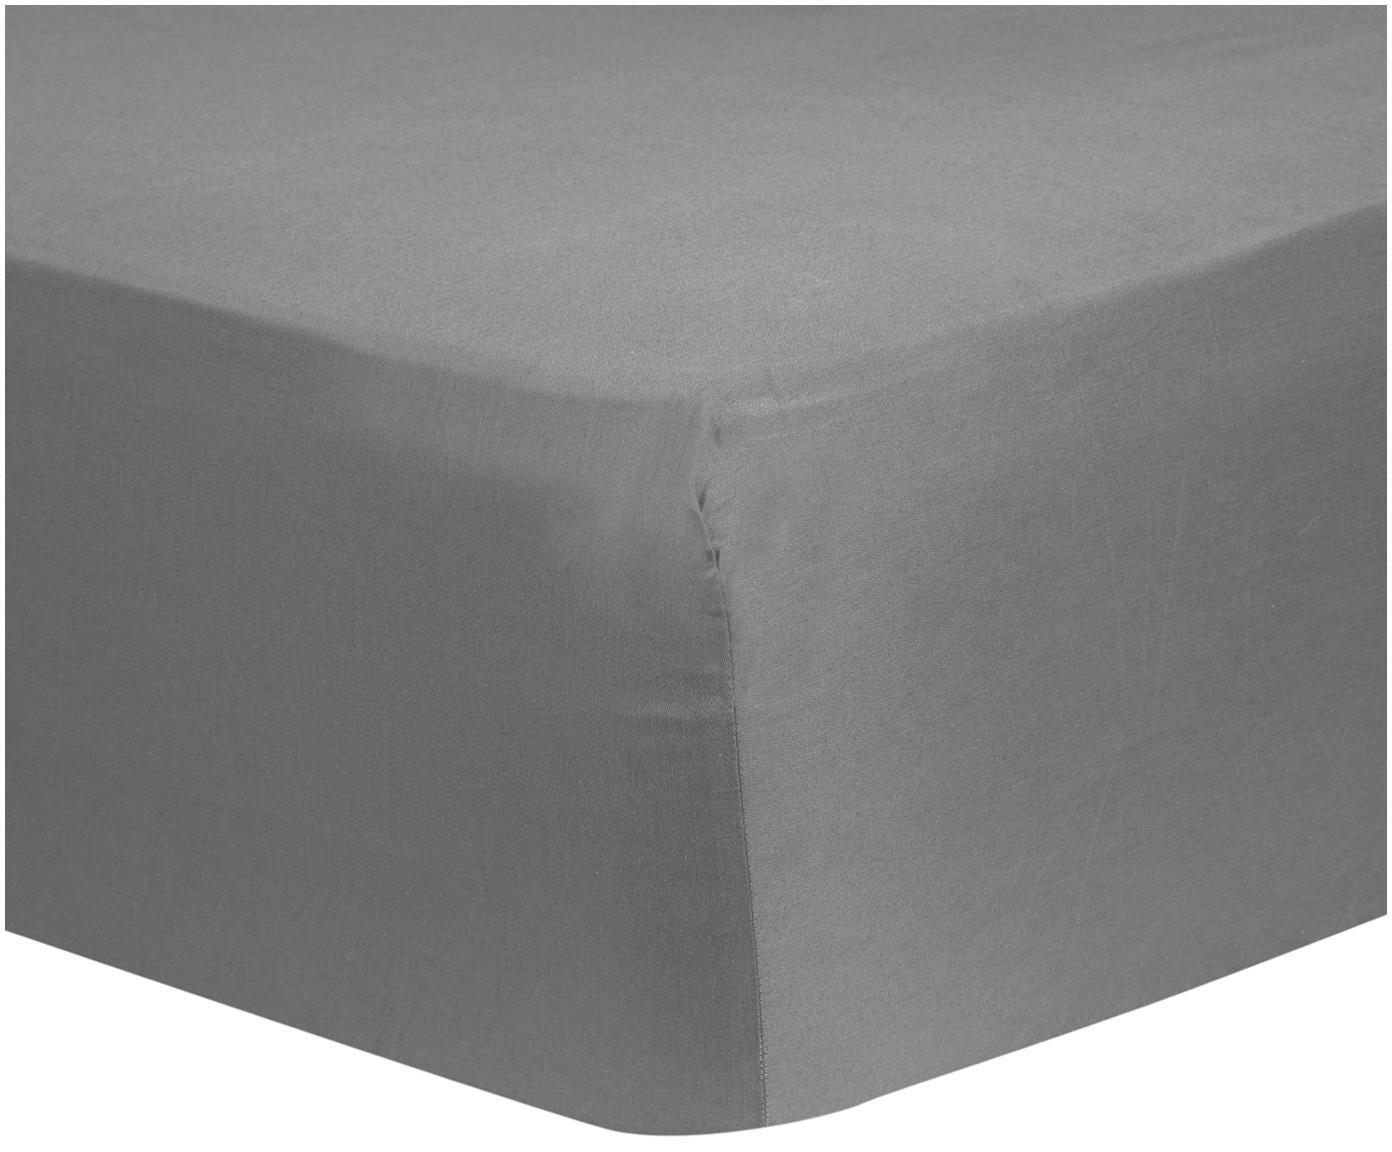 Katoensatijnen hoeslaken Comfort, Weeftechniek: satijn, licht glanzend, Donkergrijs, 90 x 200 cm